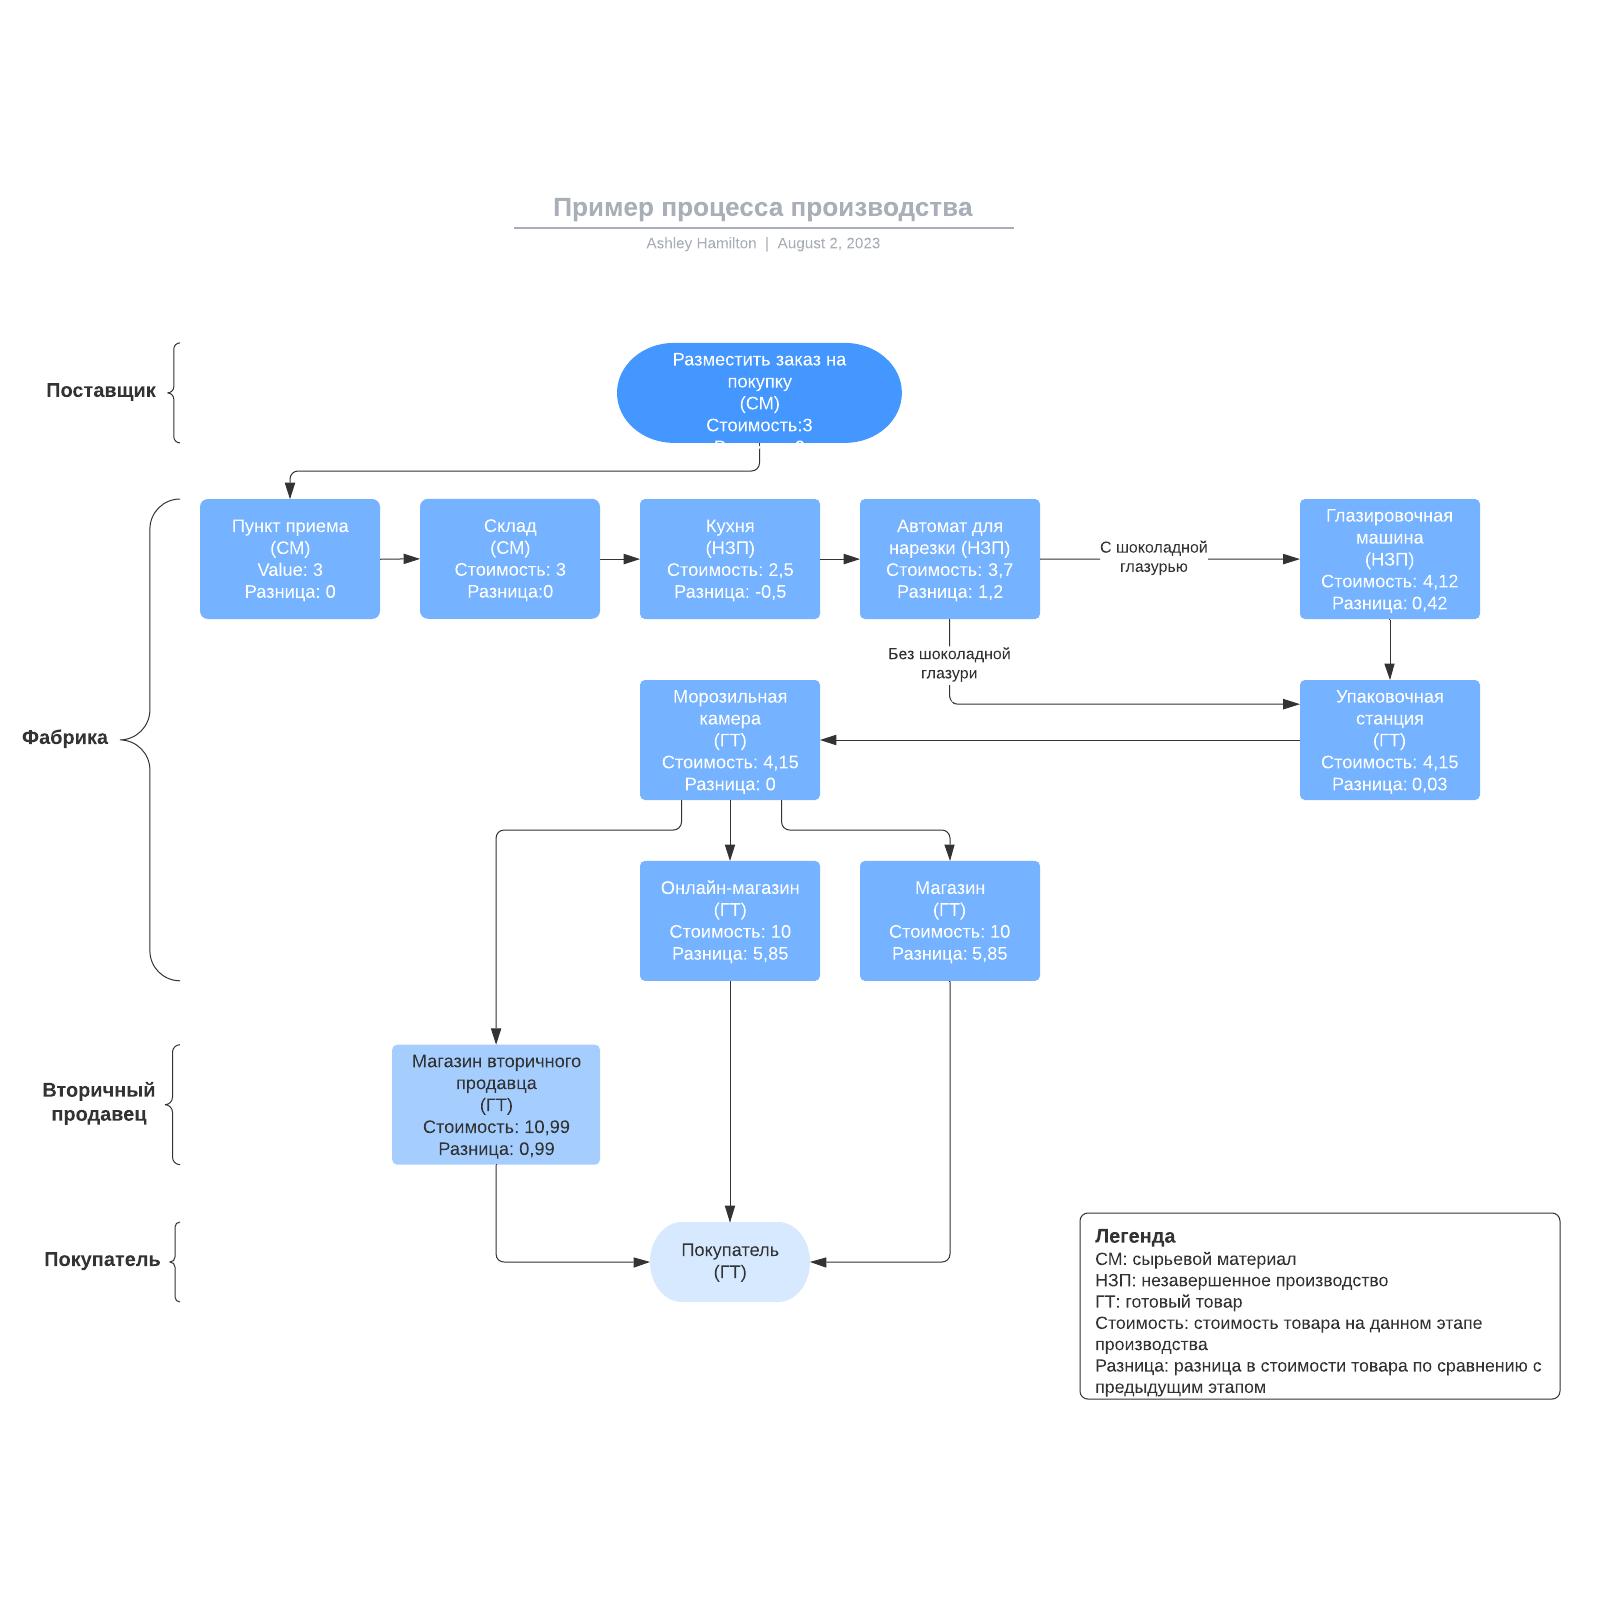 Пример процесса производства